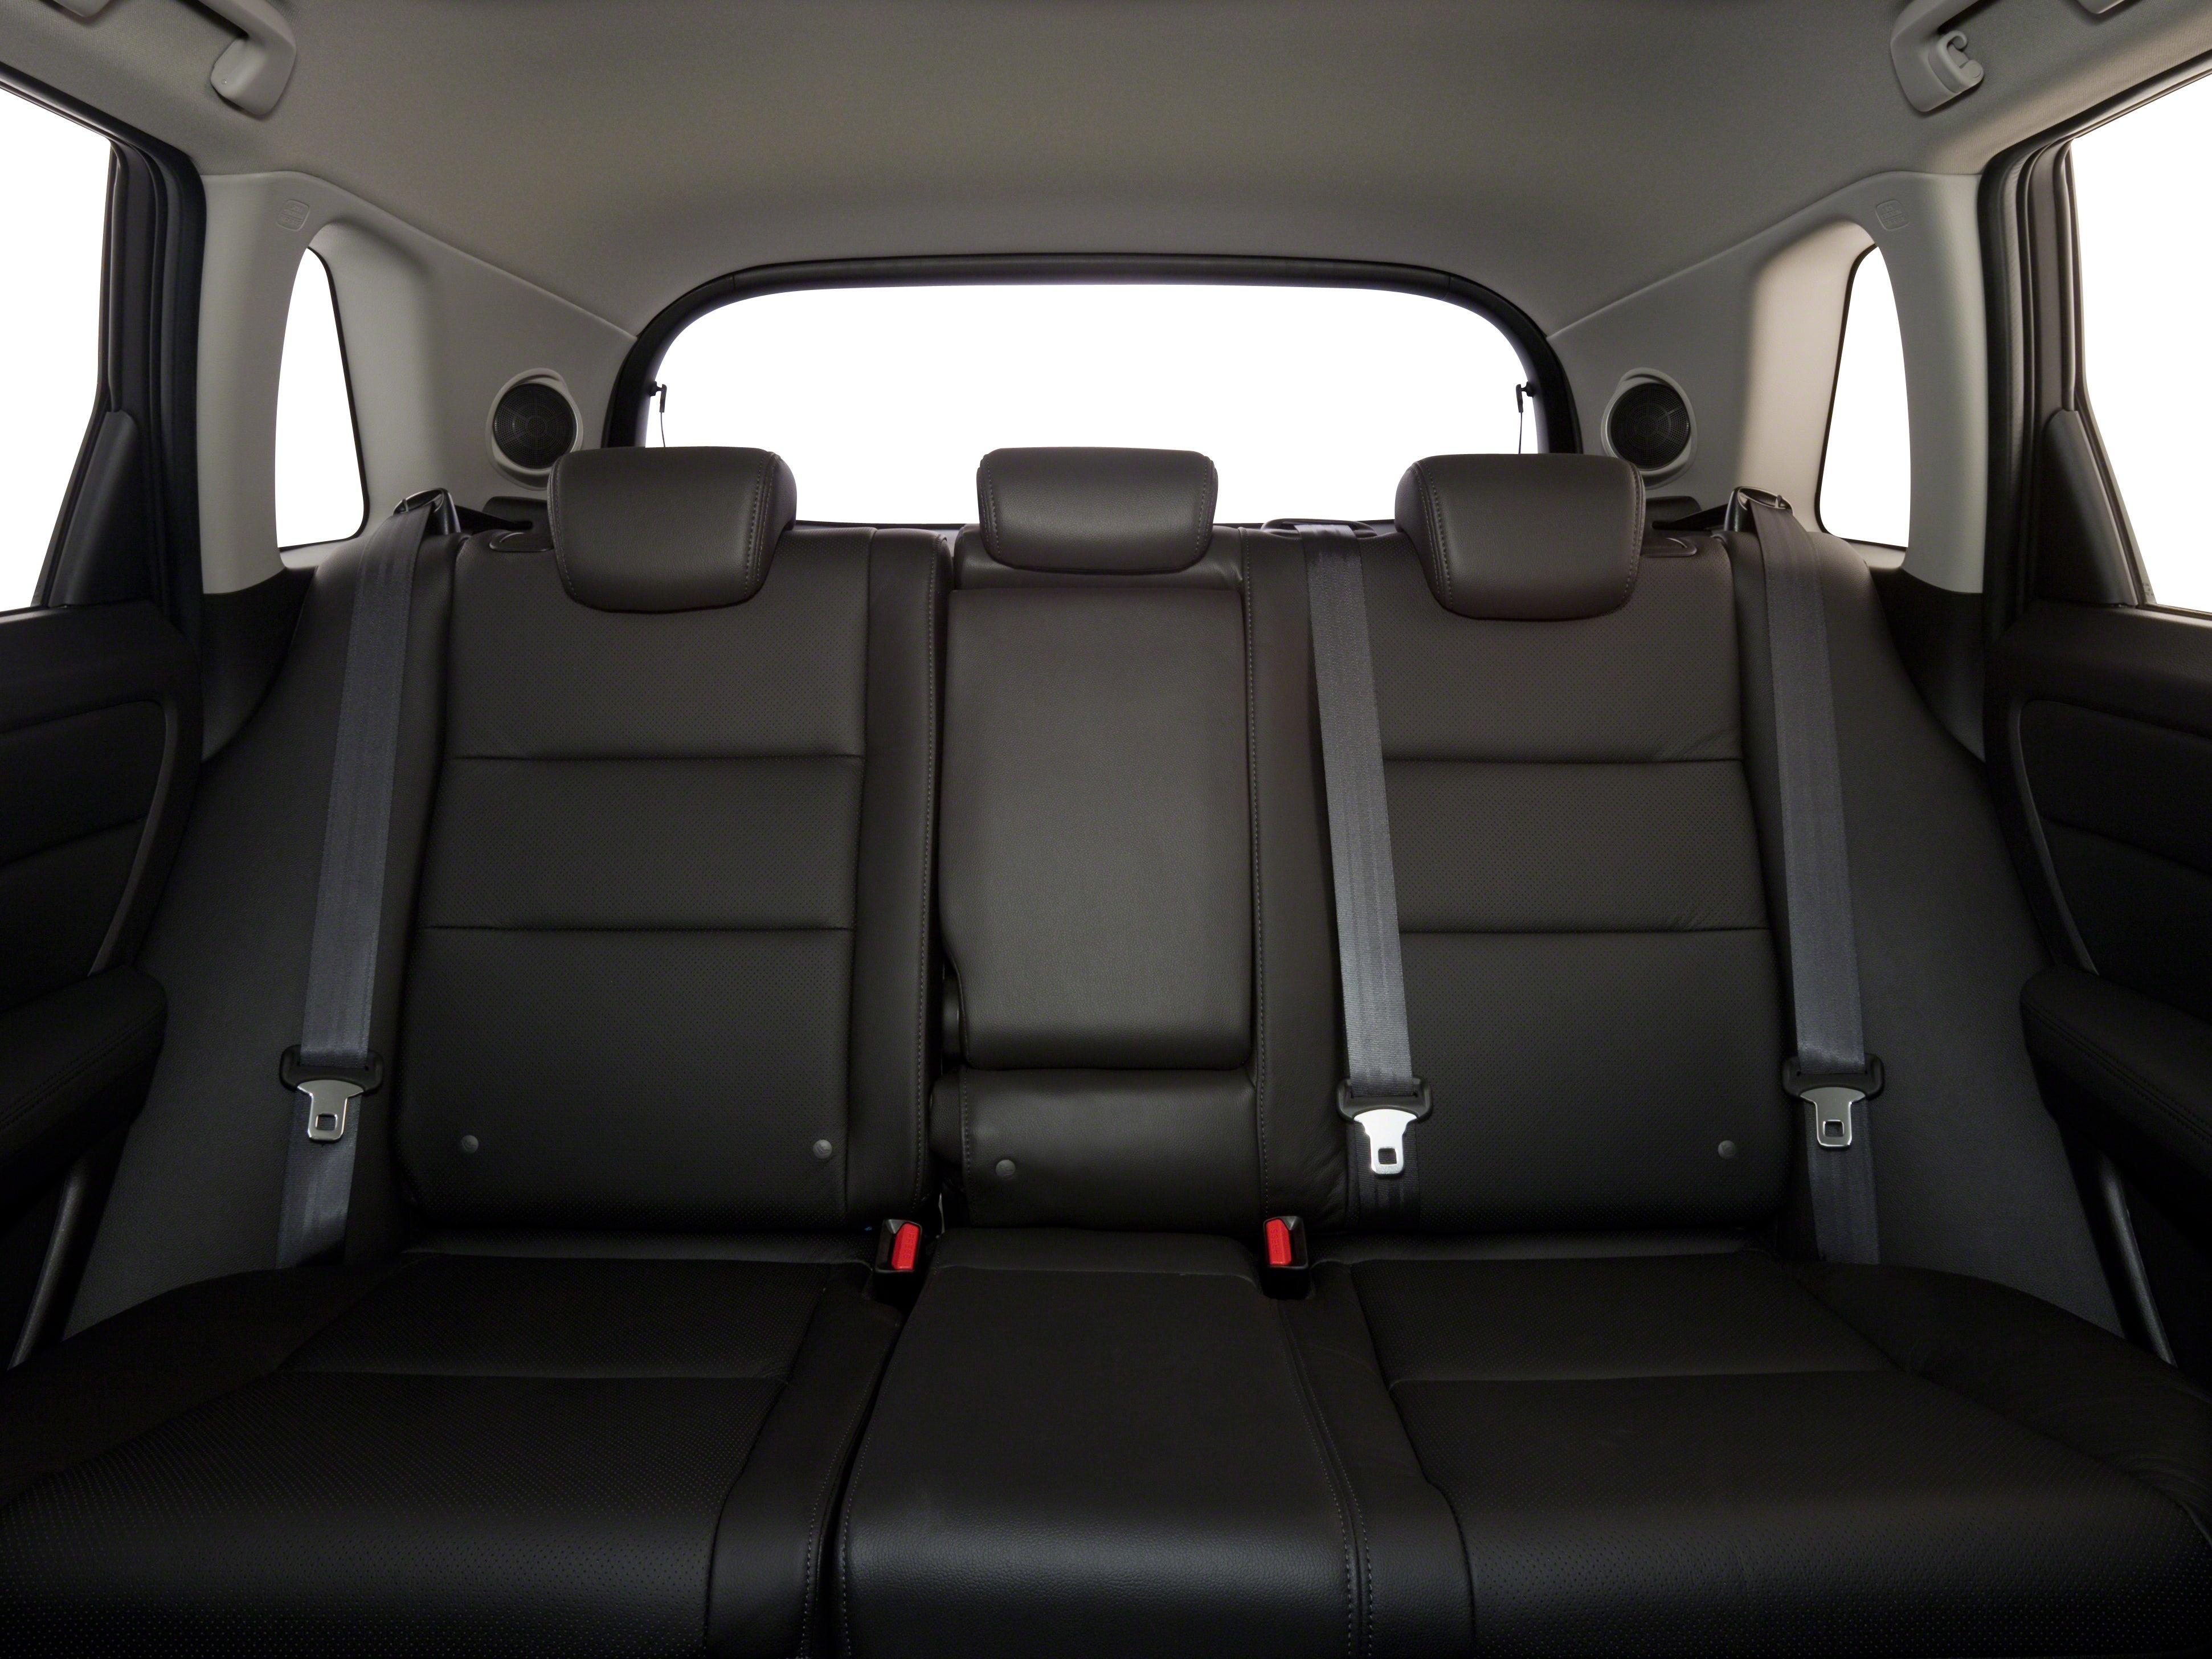 2012 Acura RDX Clanton AL area Toyota dealer serving Clanton AL